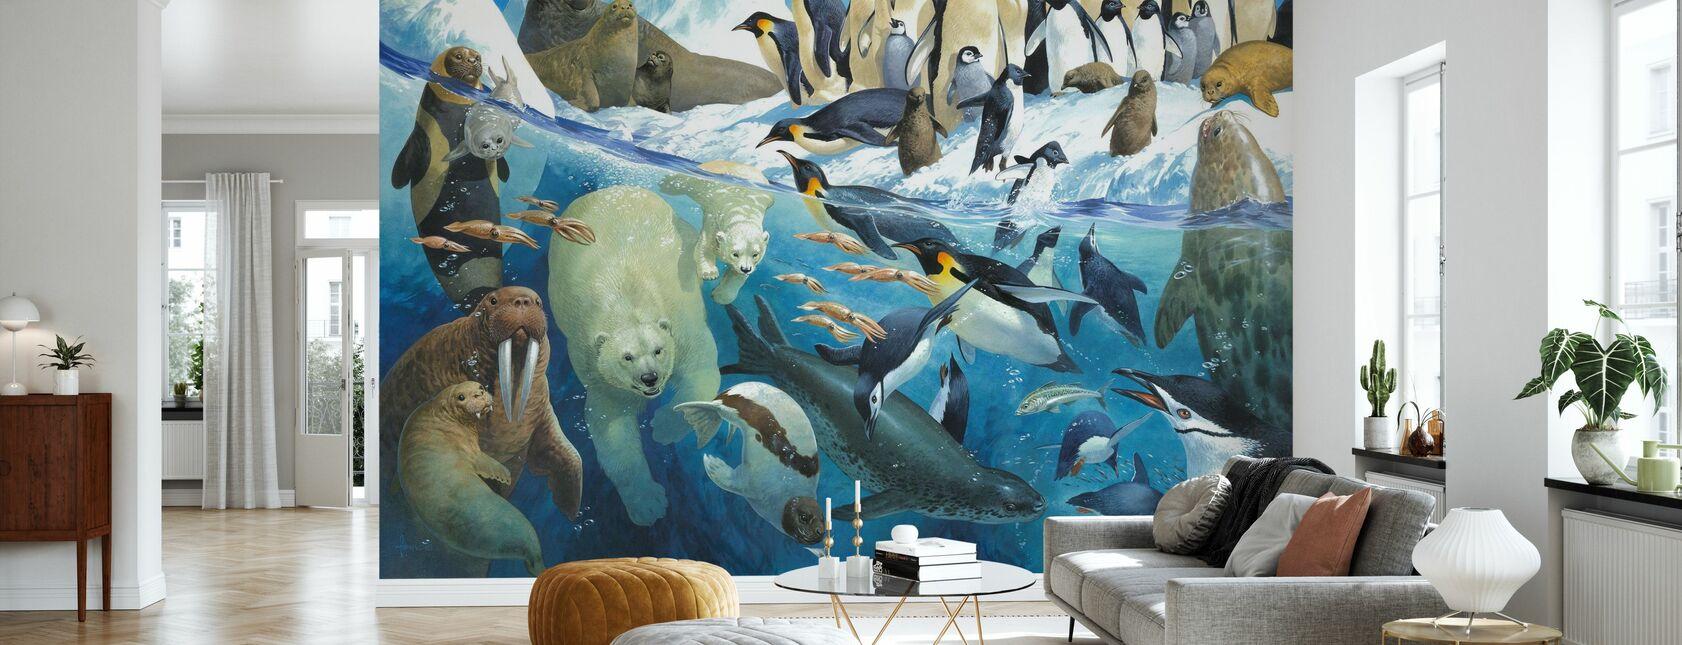 Polar Parents - Wallpaper - Living Room